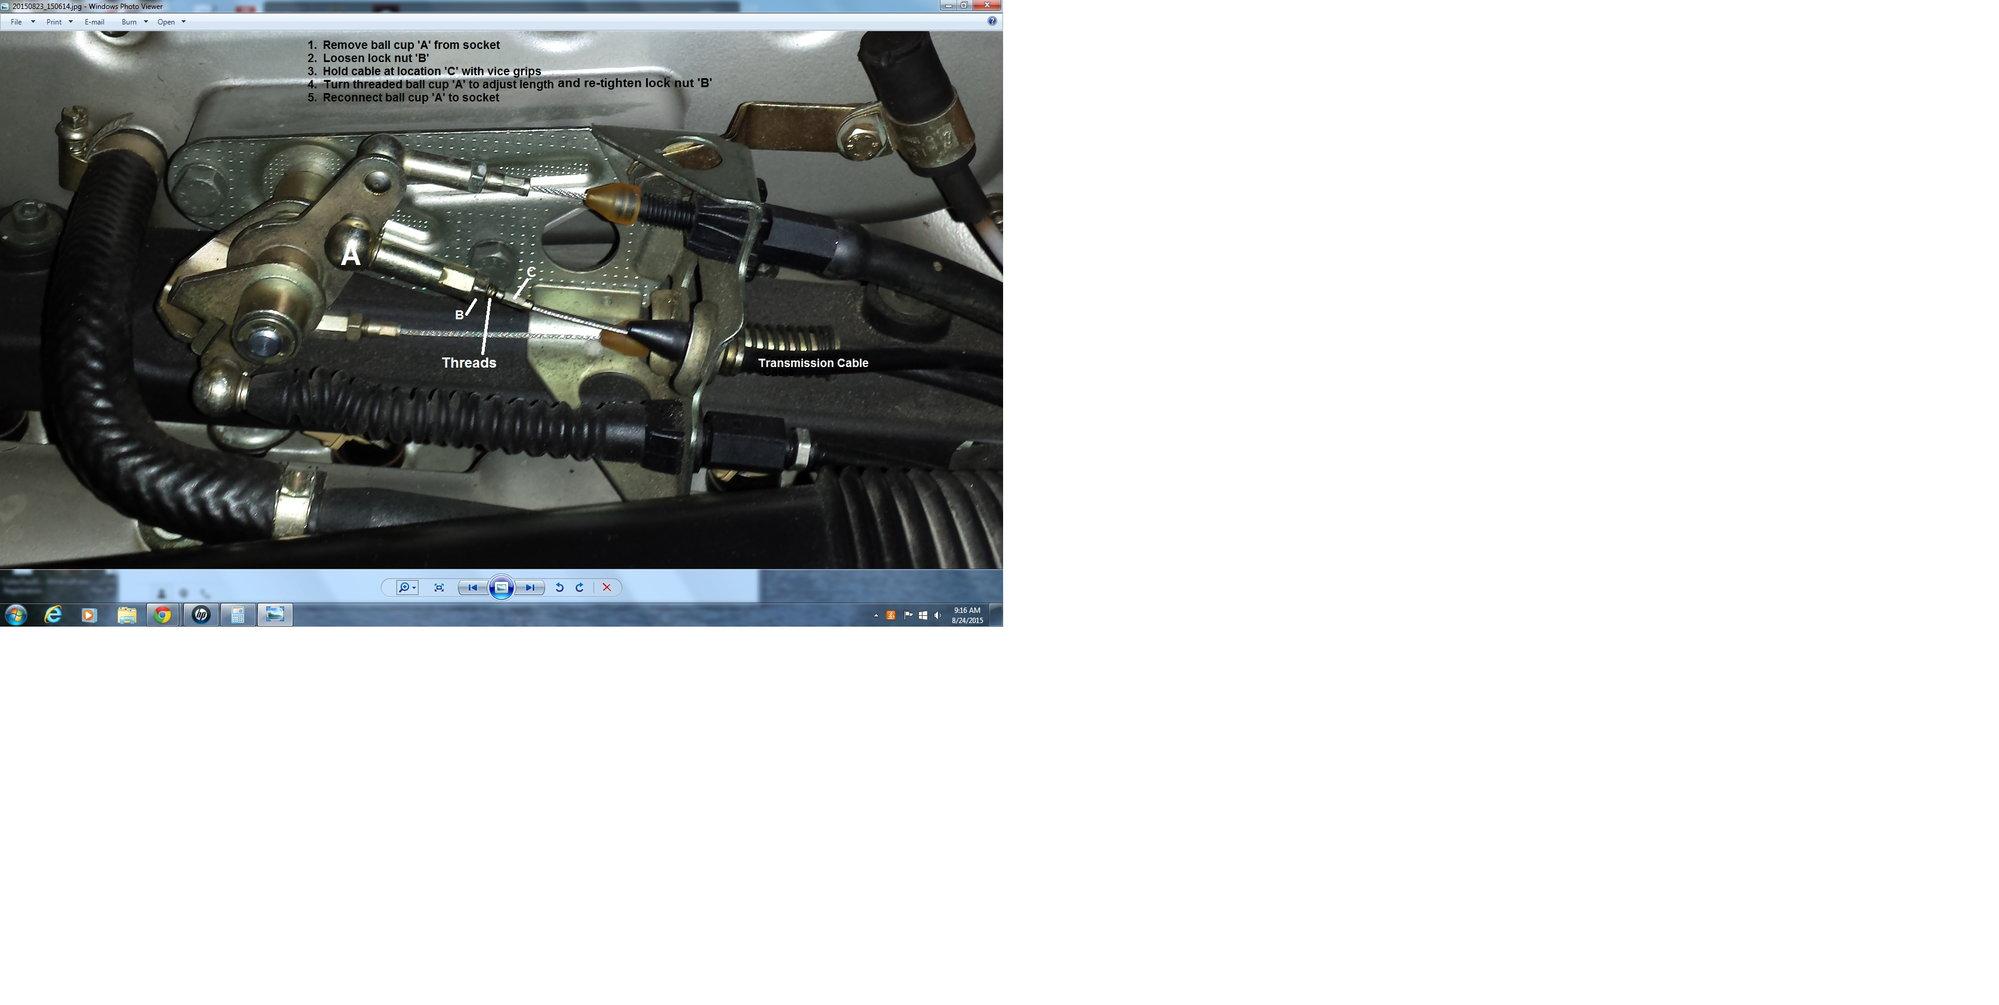 Cable adjustments - Rennlist - Porsche Discussion Forums